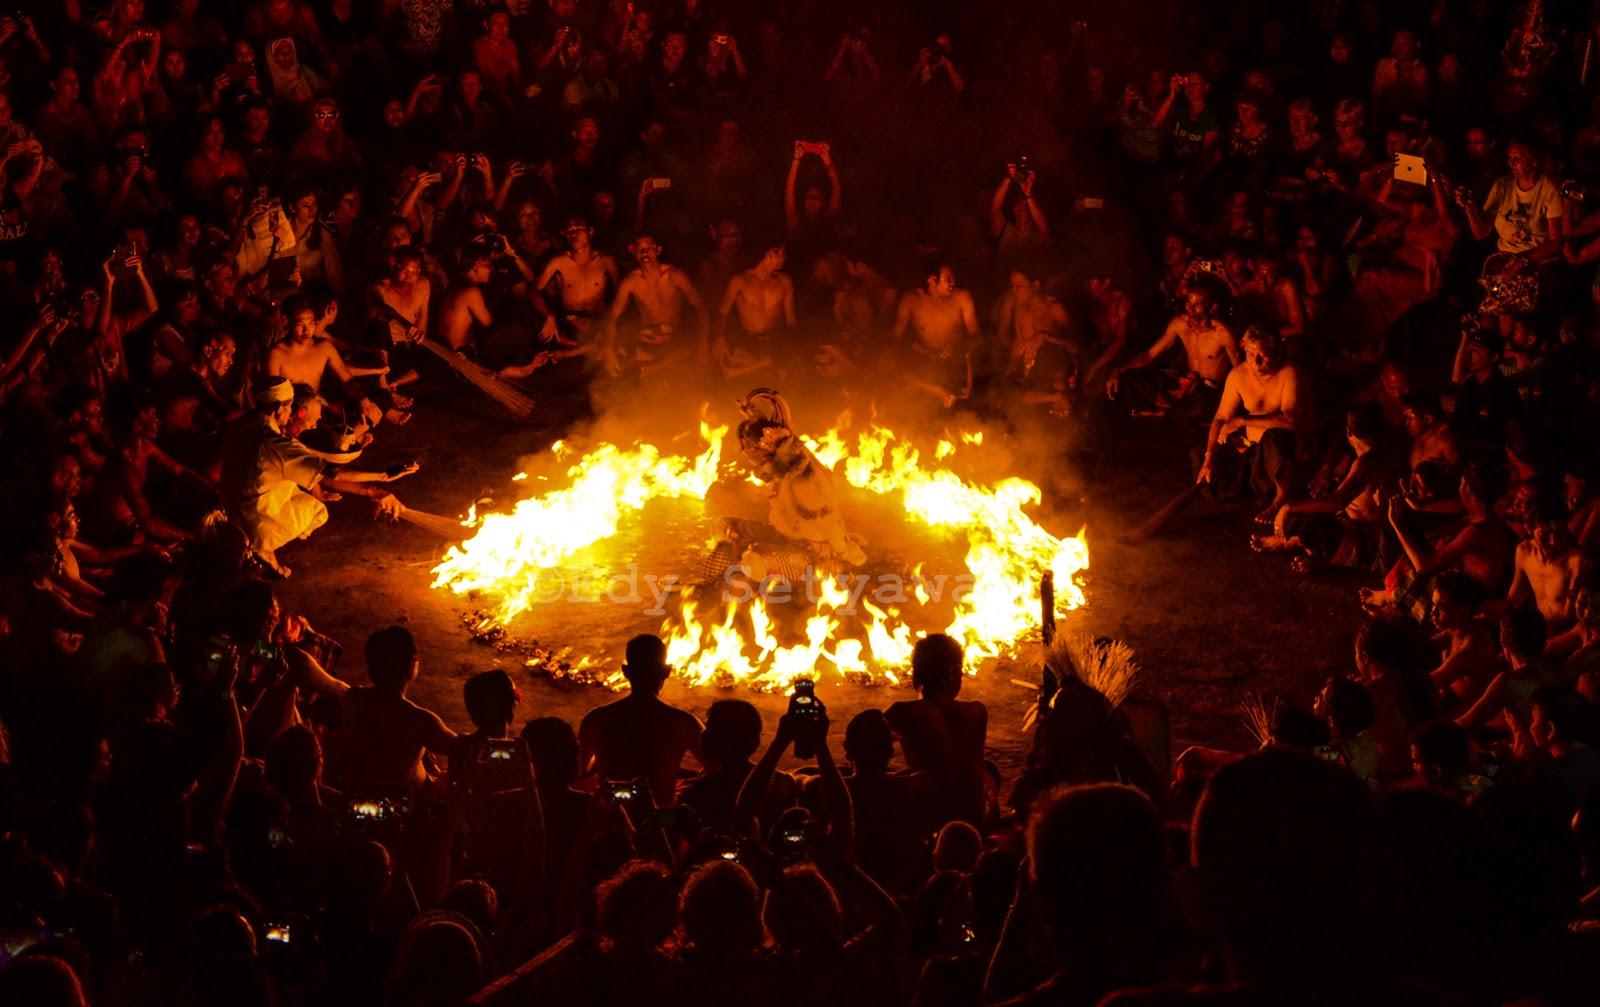 Hanoman yang telah tertangkap oleh raksasa-raksasa utusan Rahwana, dengan tangan terikat, dibakar di tengah kobaran api